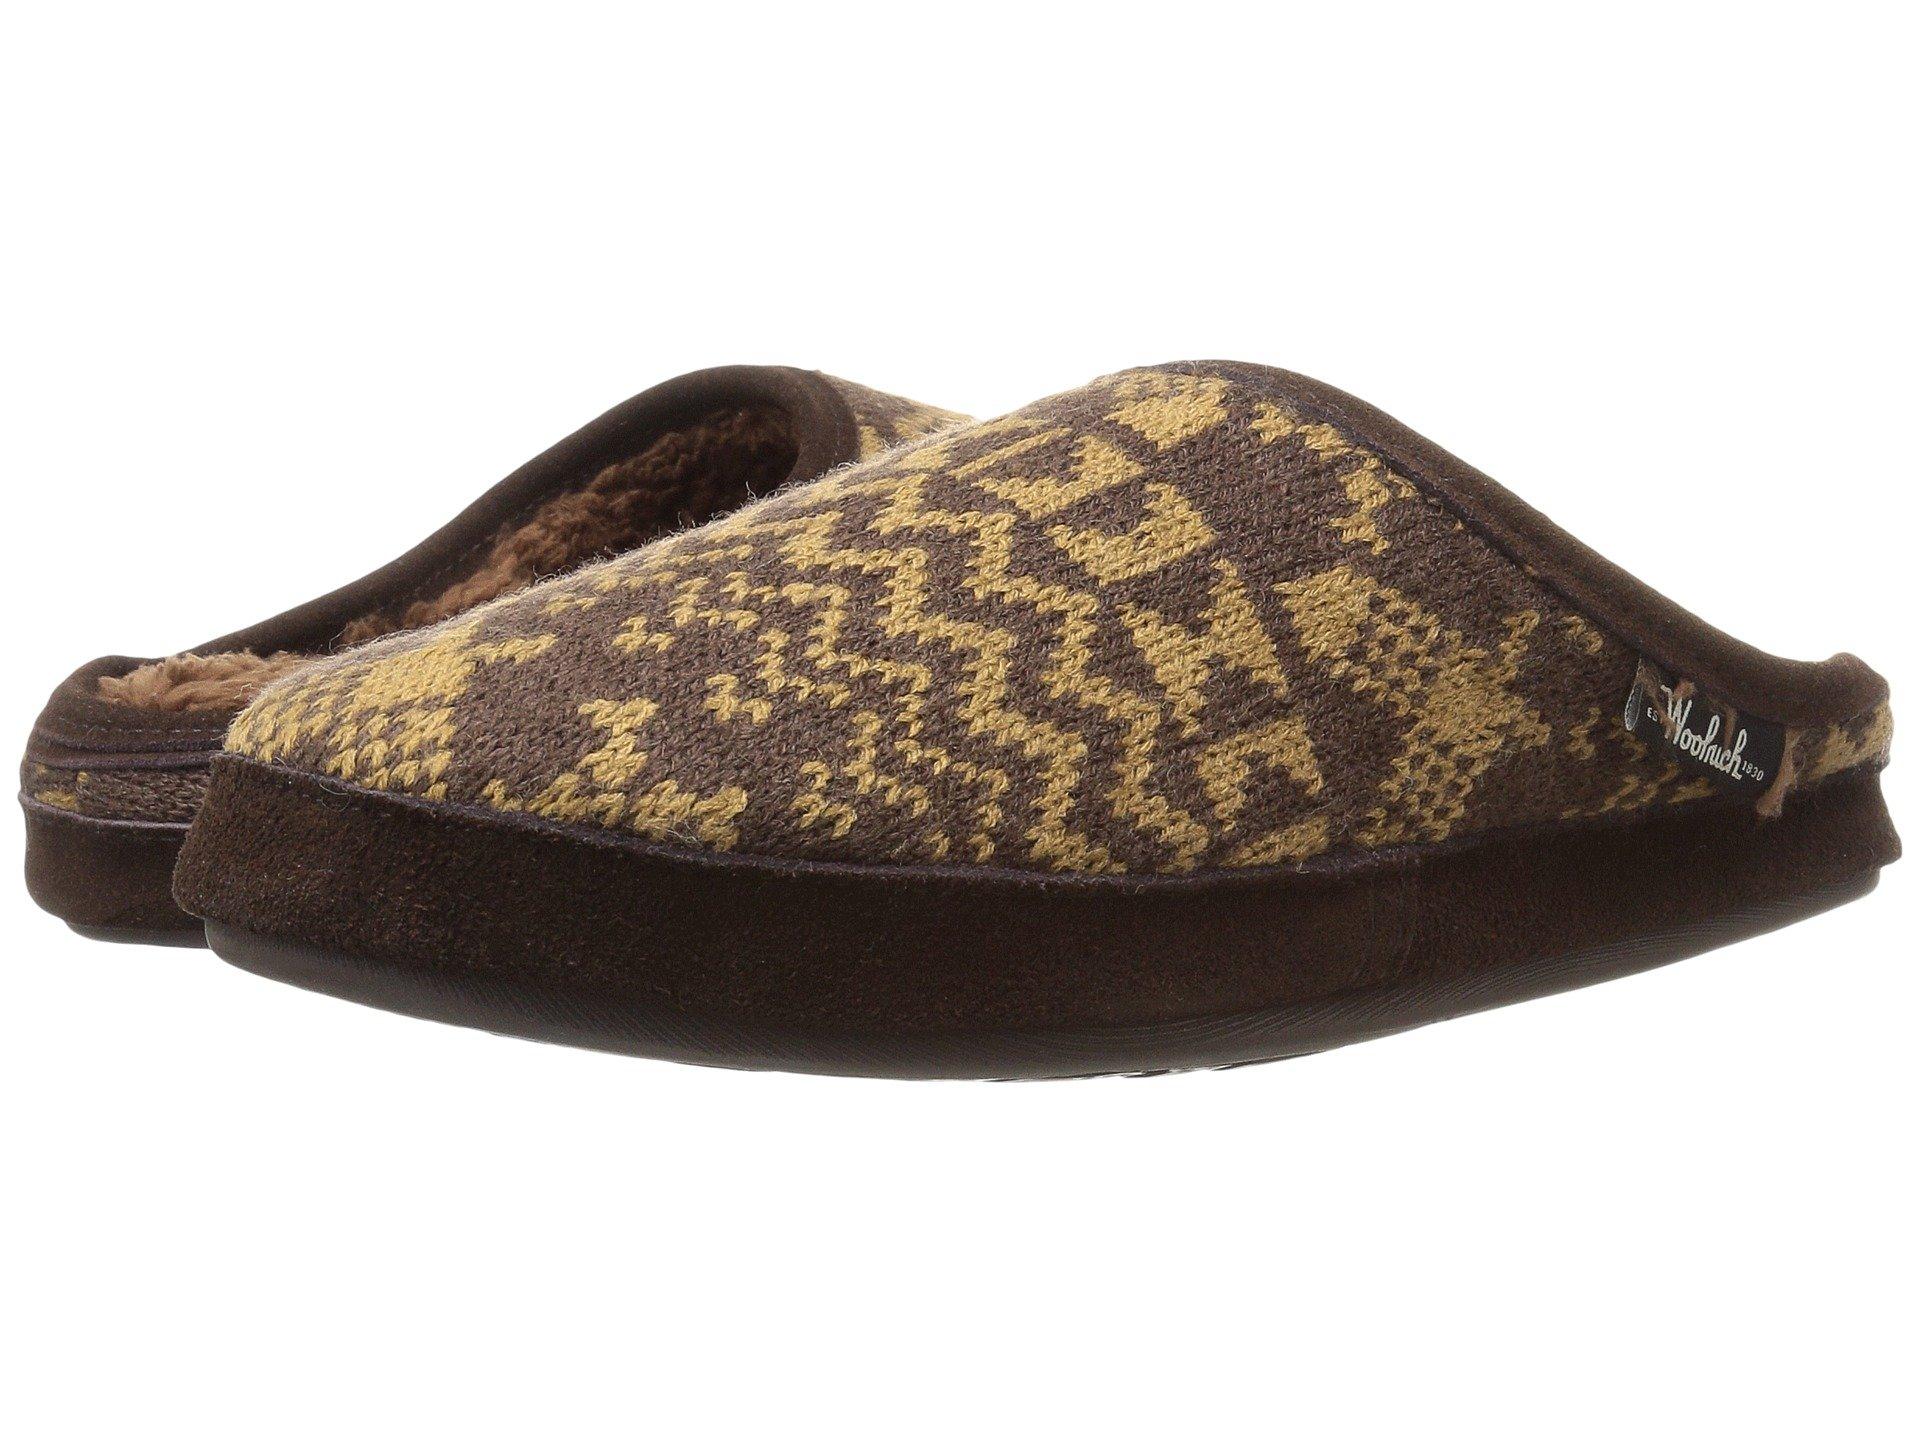 Zapato de Descanso para Mujer Woolrich Whitecap Knit Mule  + Woolrich en VeoyCompro.net